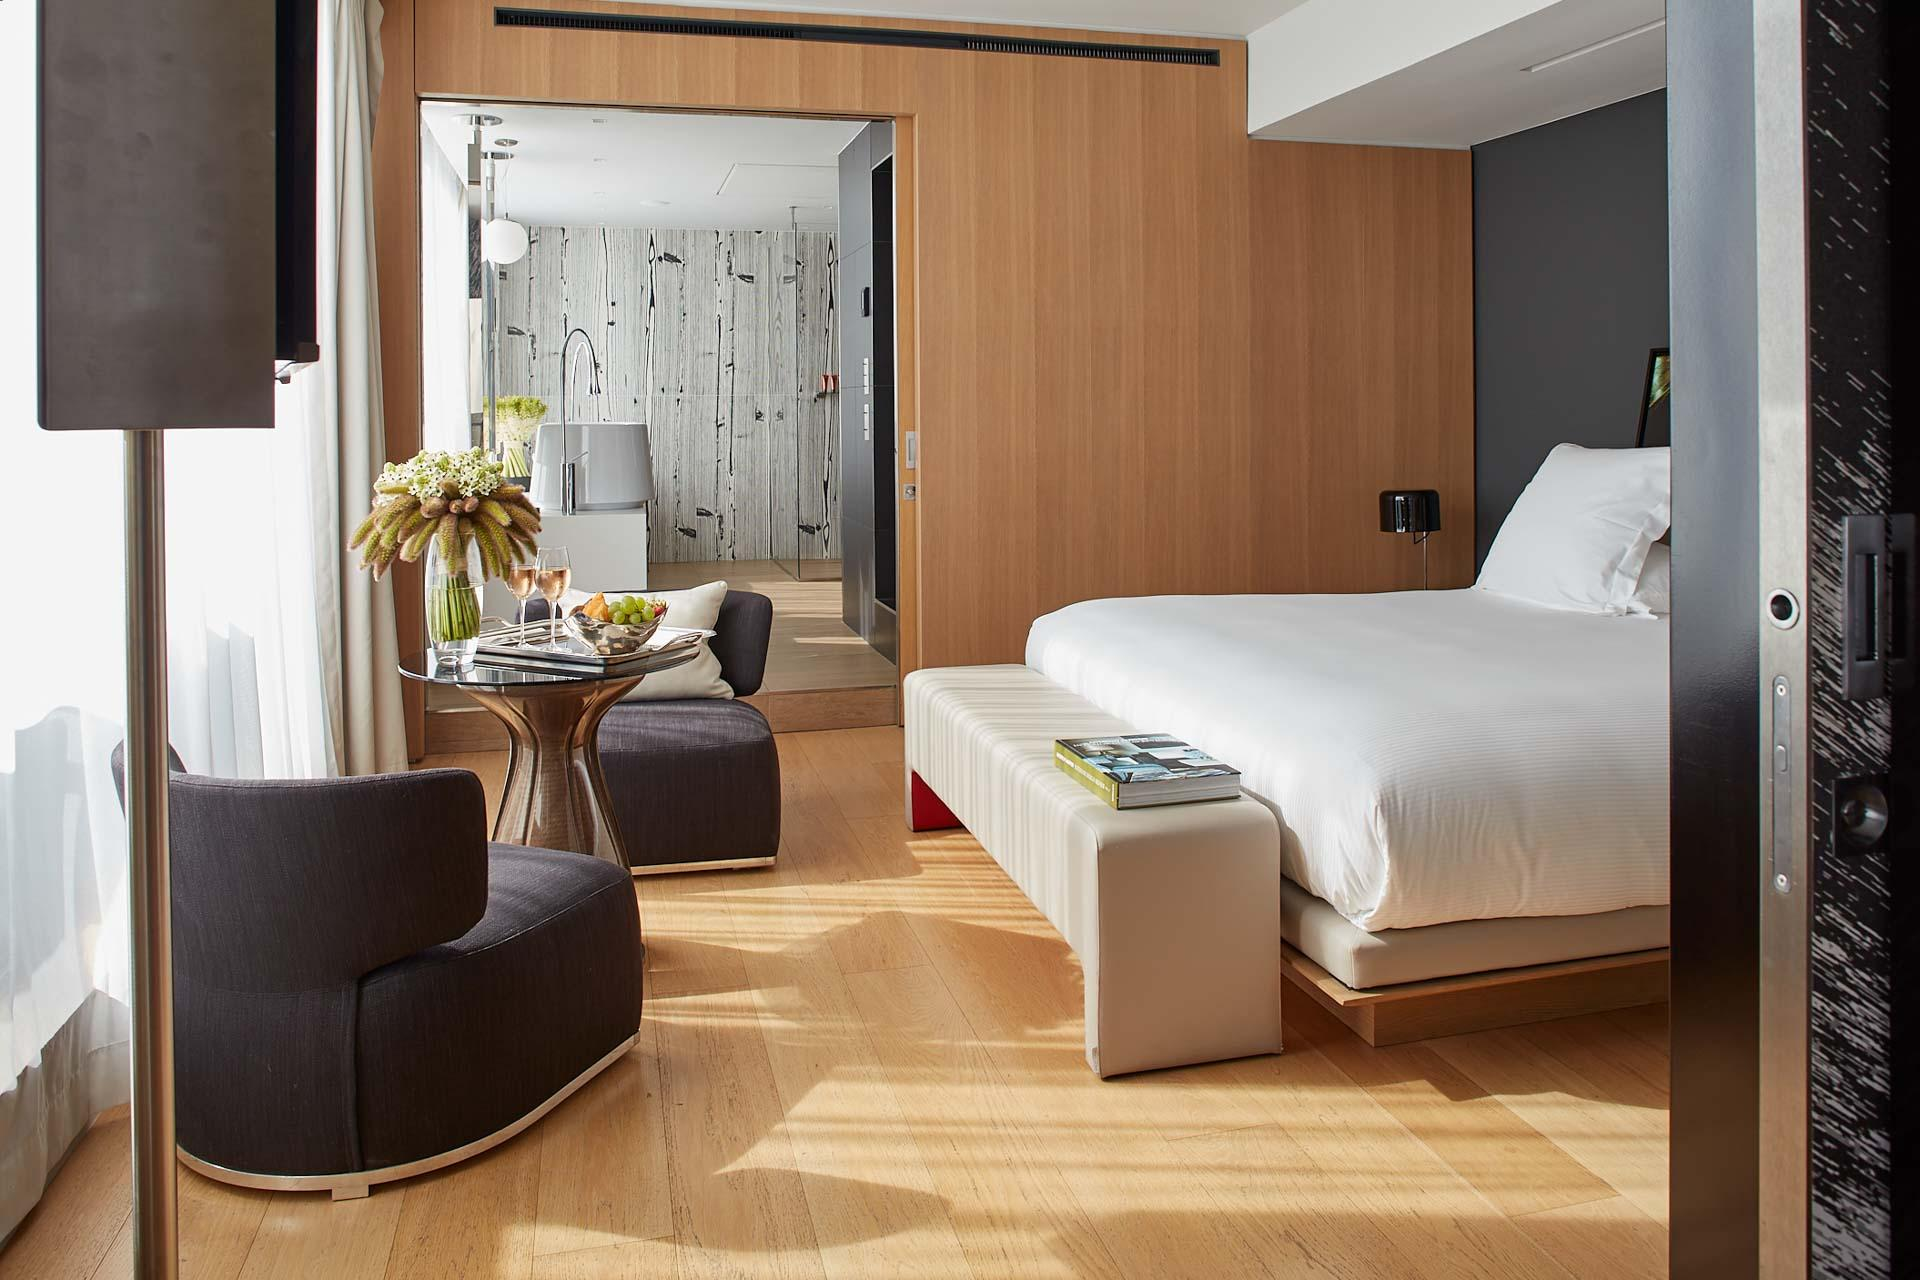 Hôtel Cinq Codet |Chambre © Antoine Schramm